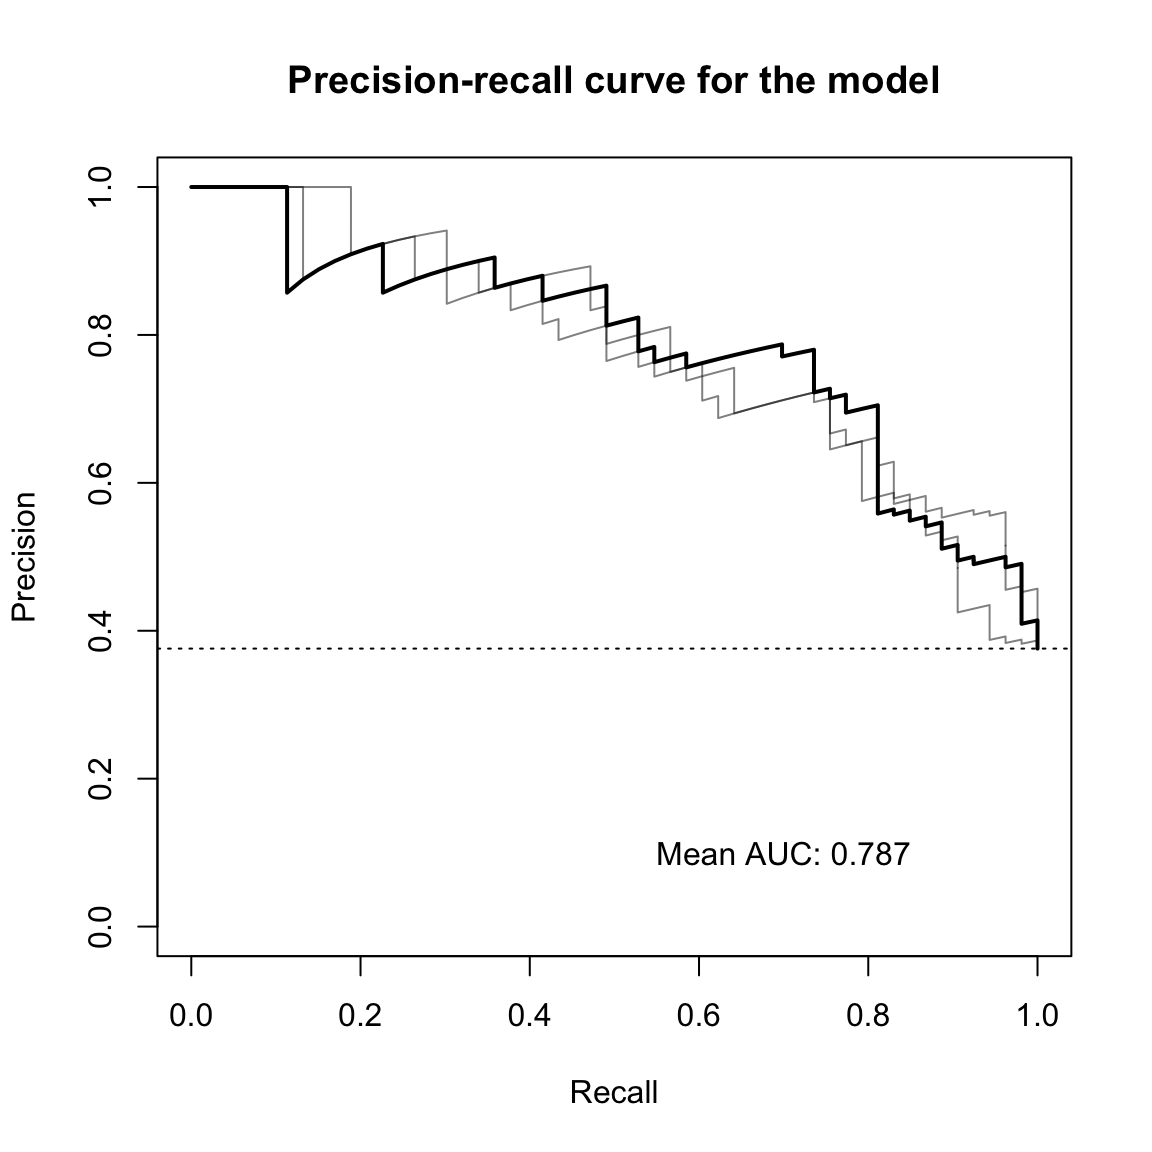 docs/articles/SIAMCAT_vignette_files/figure-html/eval_plot-2.png